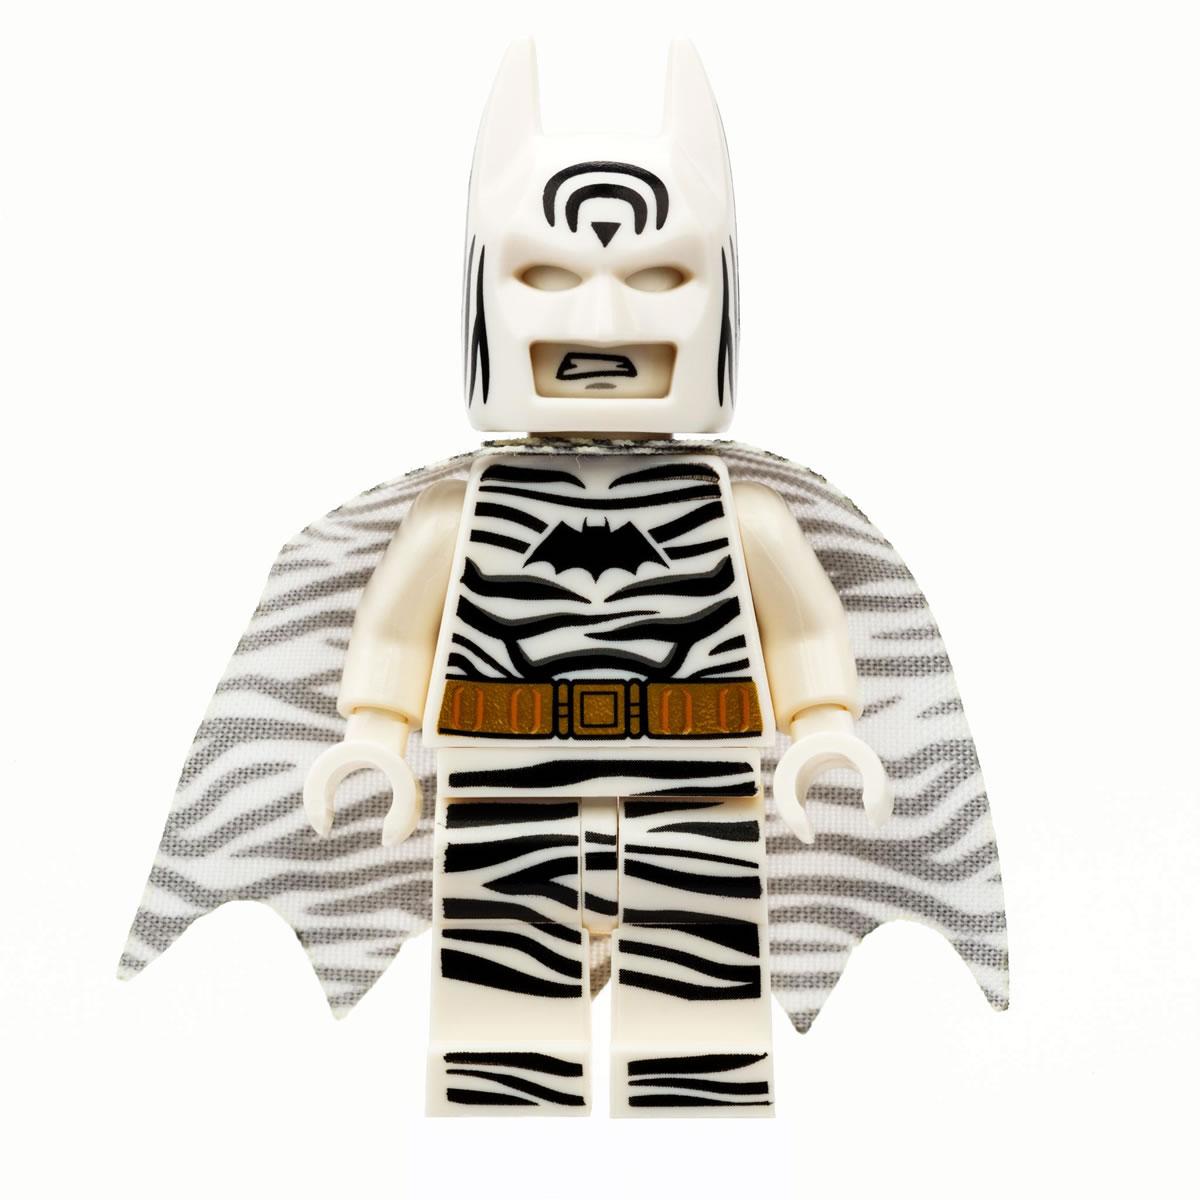 lego-2019-zebra-batman-sdcc zusammengebaut.com